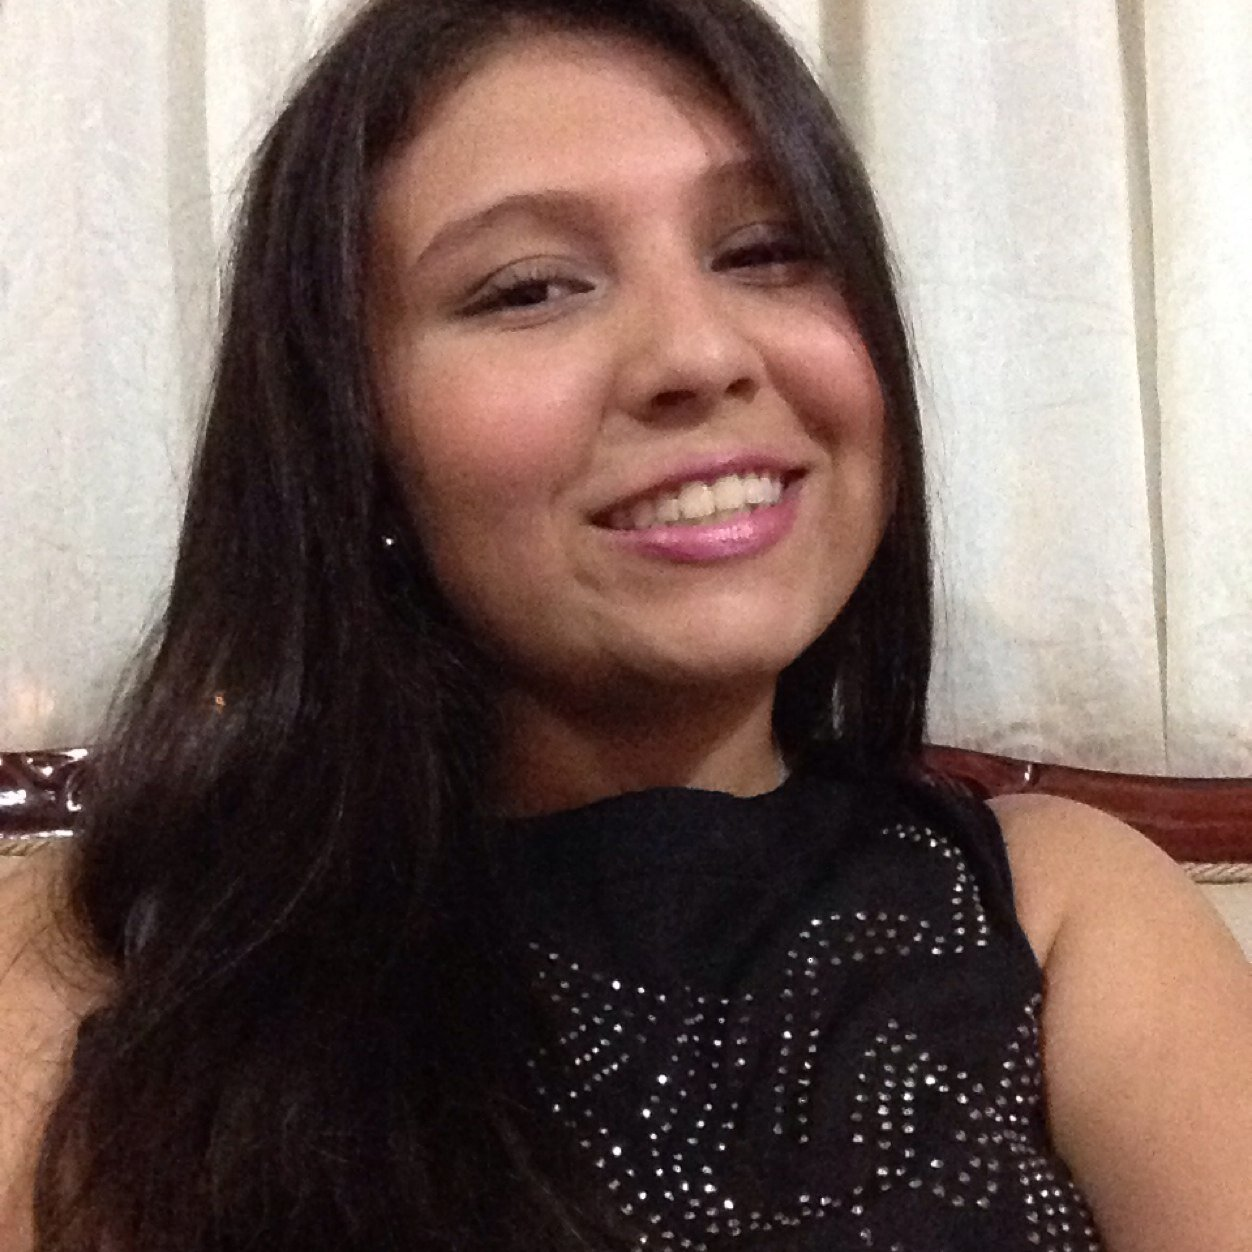 Valentina Vargas Valentina080 Twitter